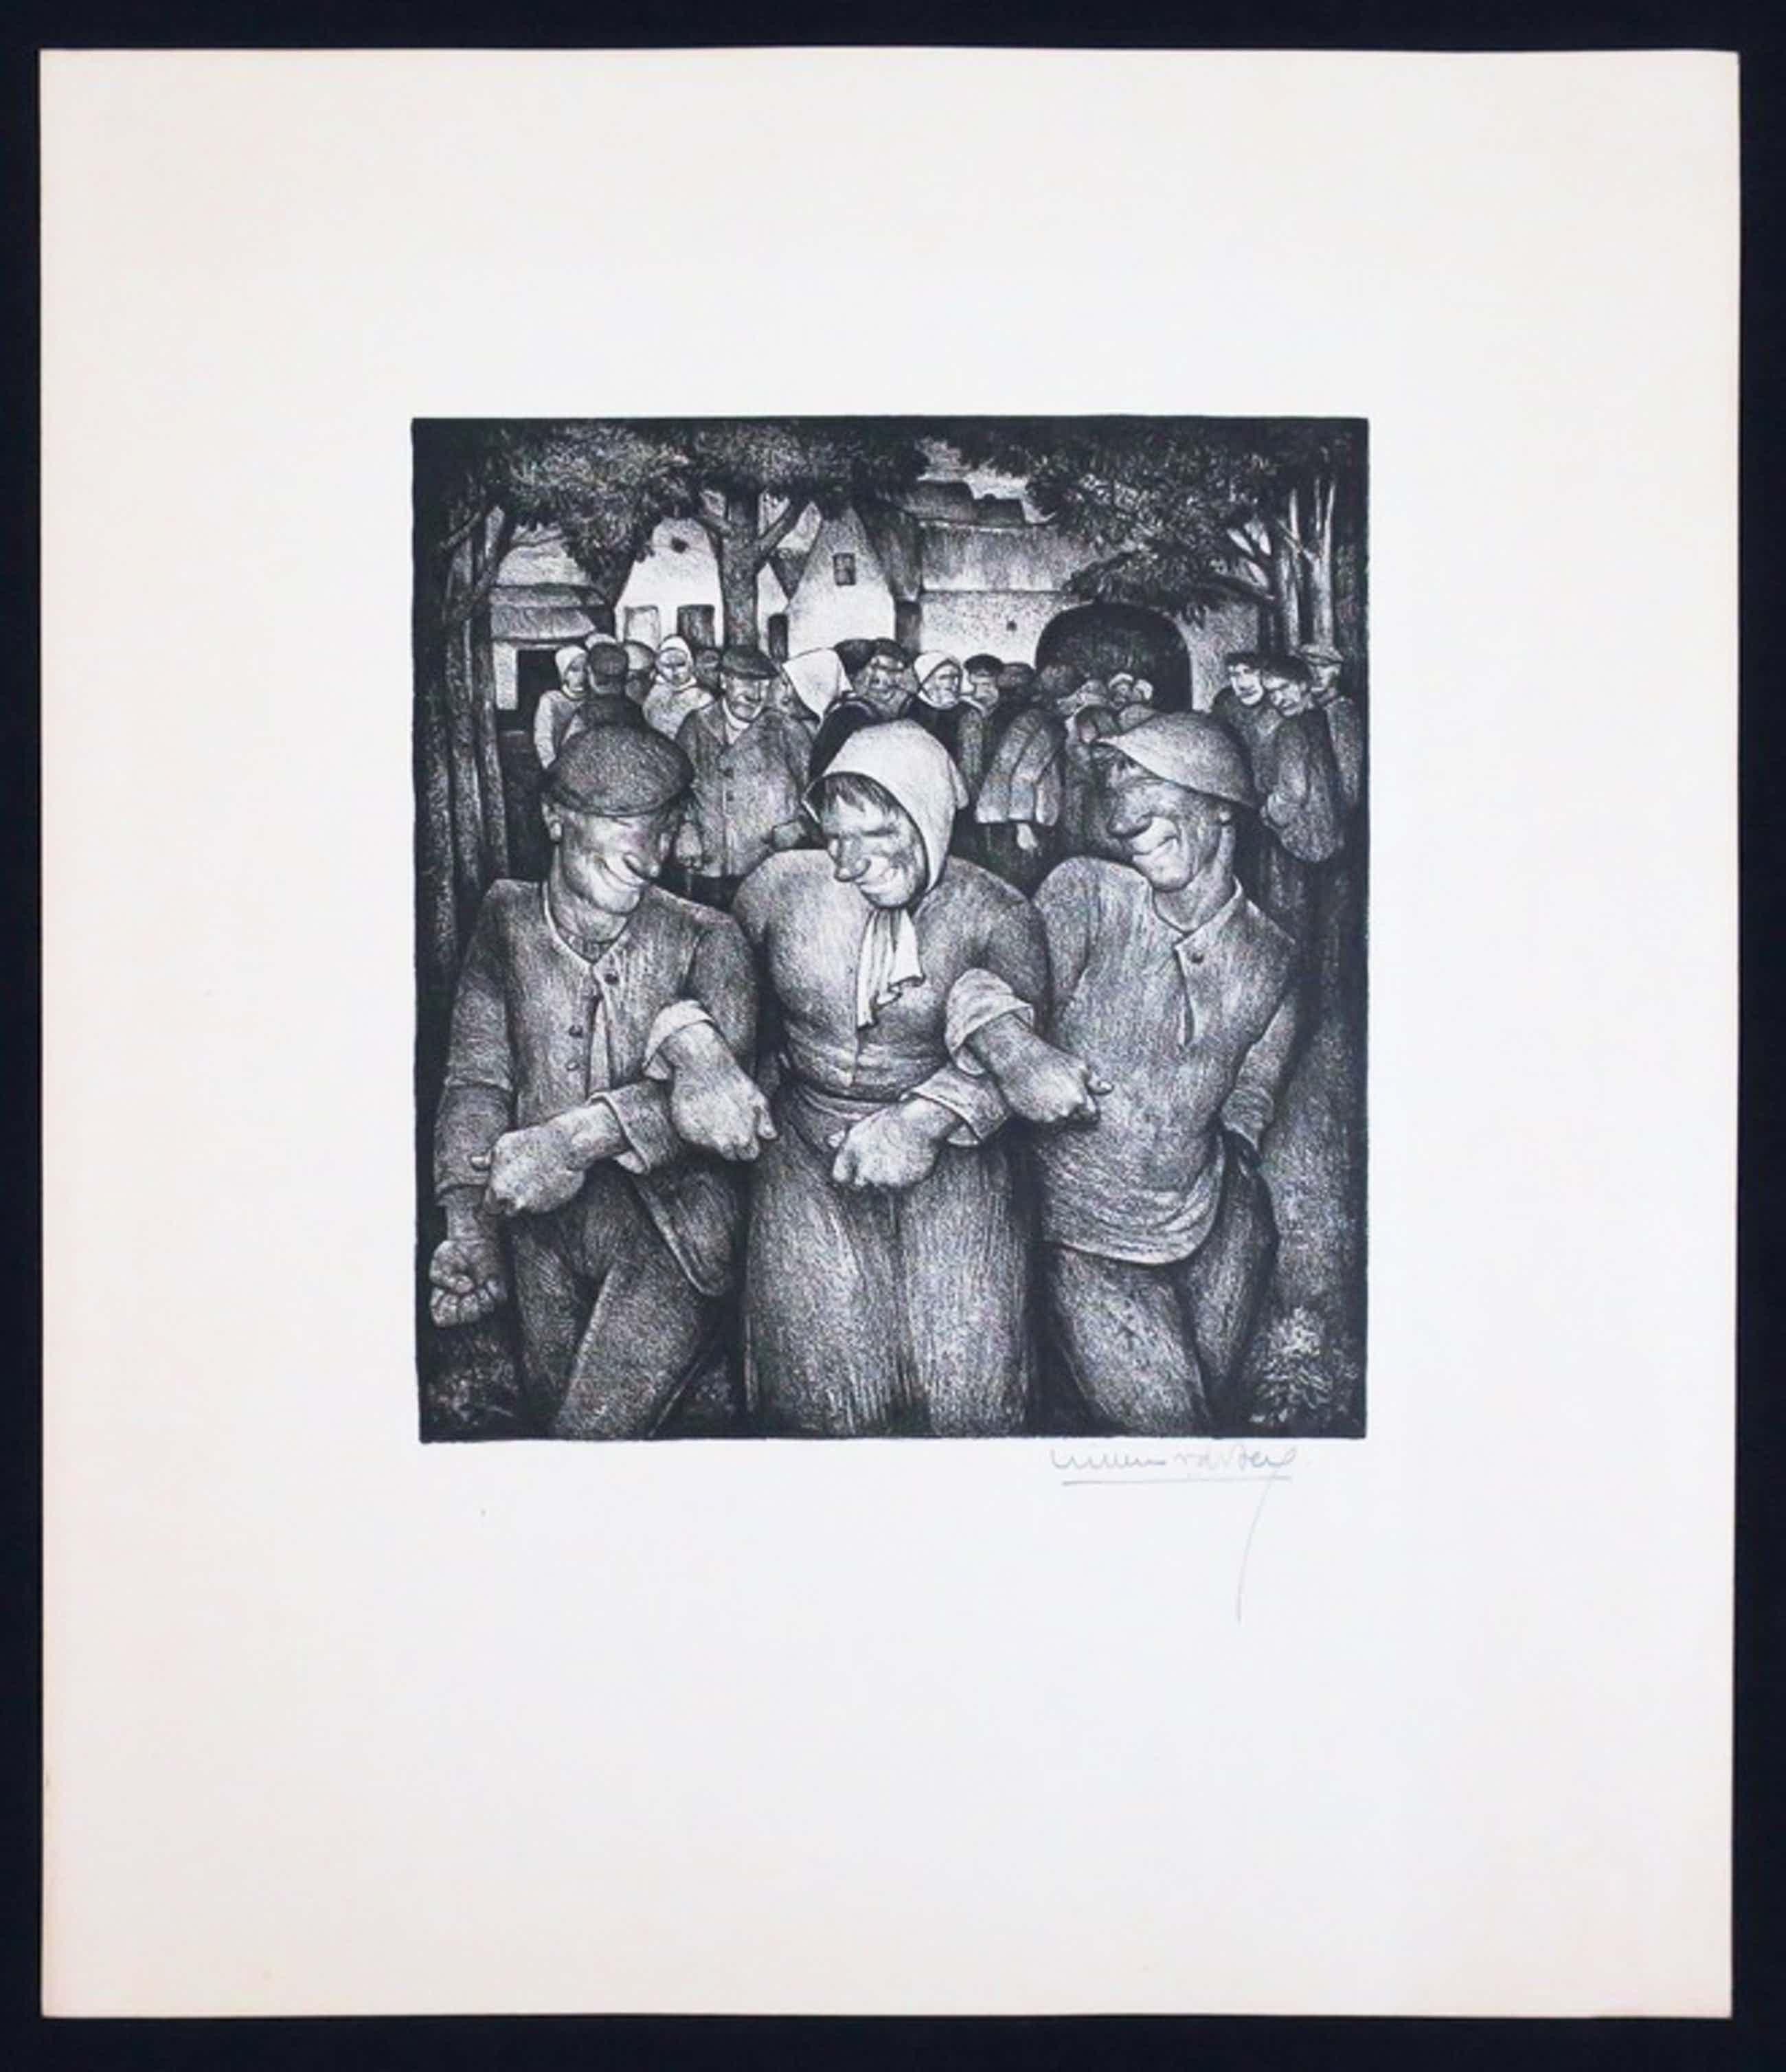 Willem van den Berg: Litho, Compositie met figuren kopen? Bied vanaf 50!